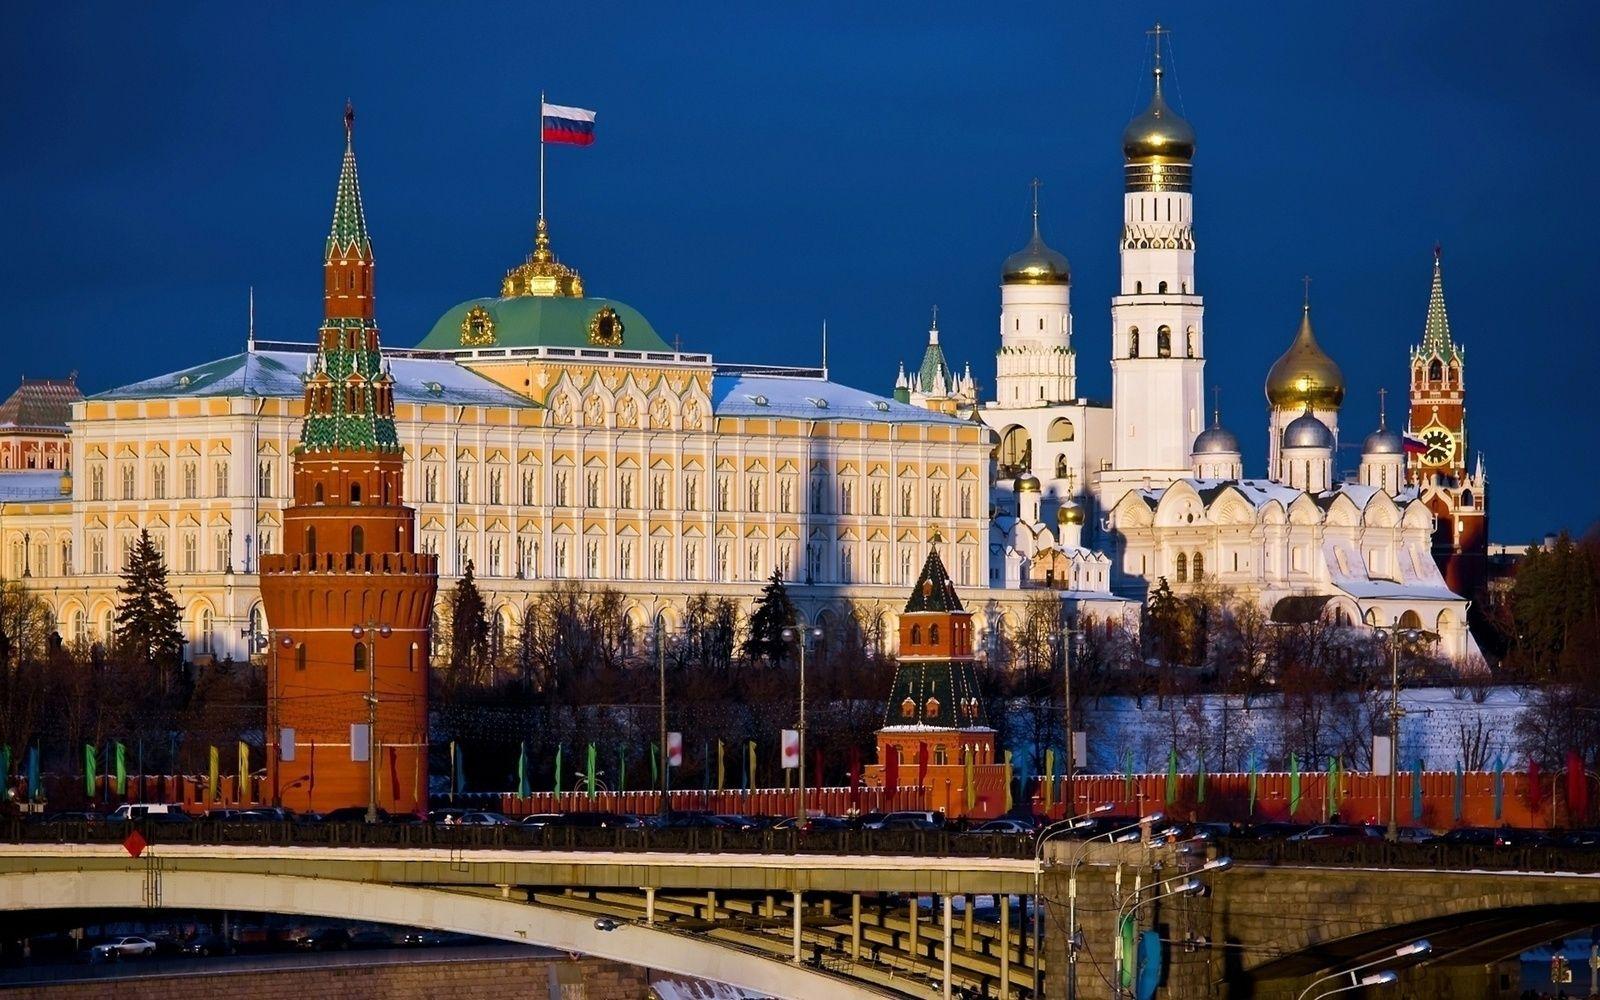 Америкийн 60 дипломатчийг Оросоос хөөж, Санкт Петрбургийн консулын газрыг хаахаар боллоо